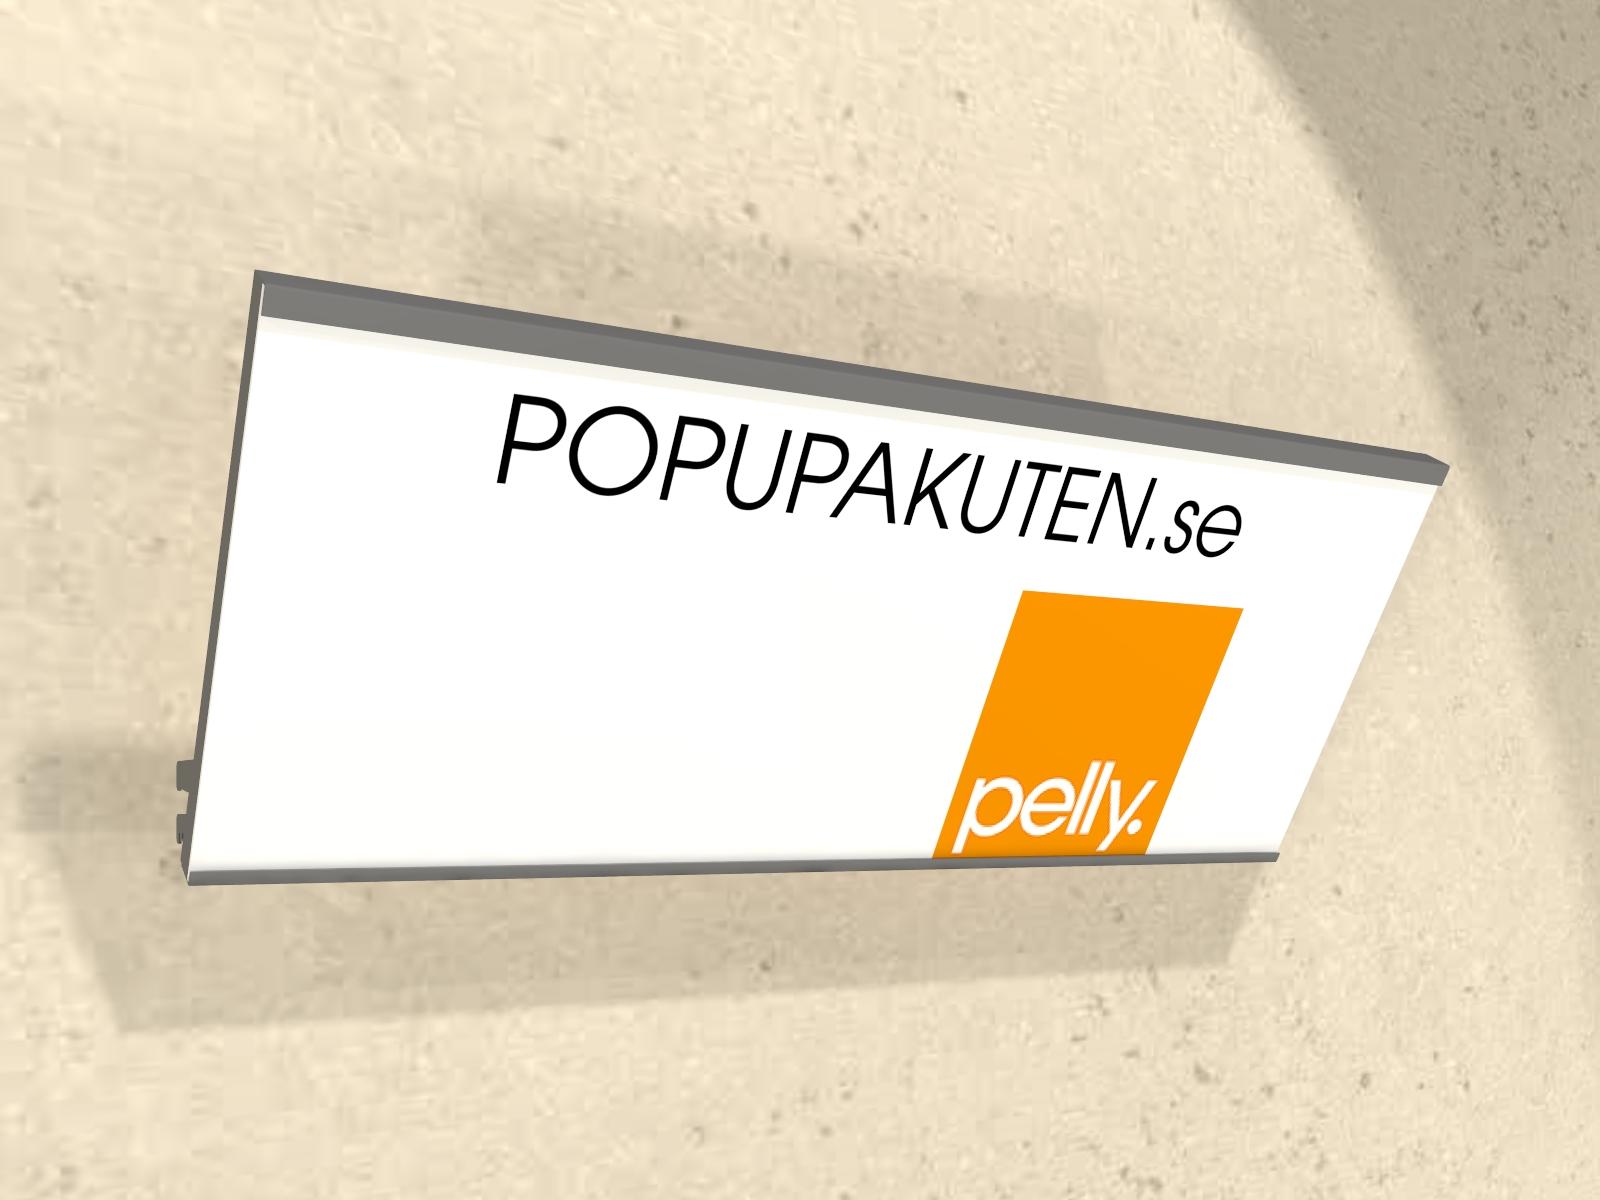 popupakuten_Profil 2 Toppskylt